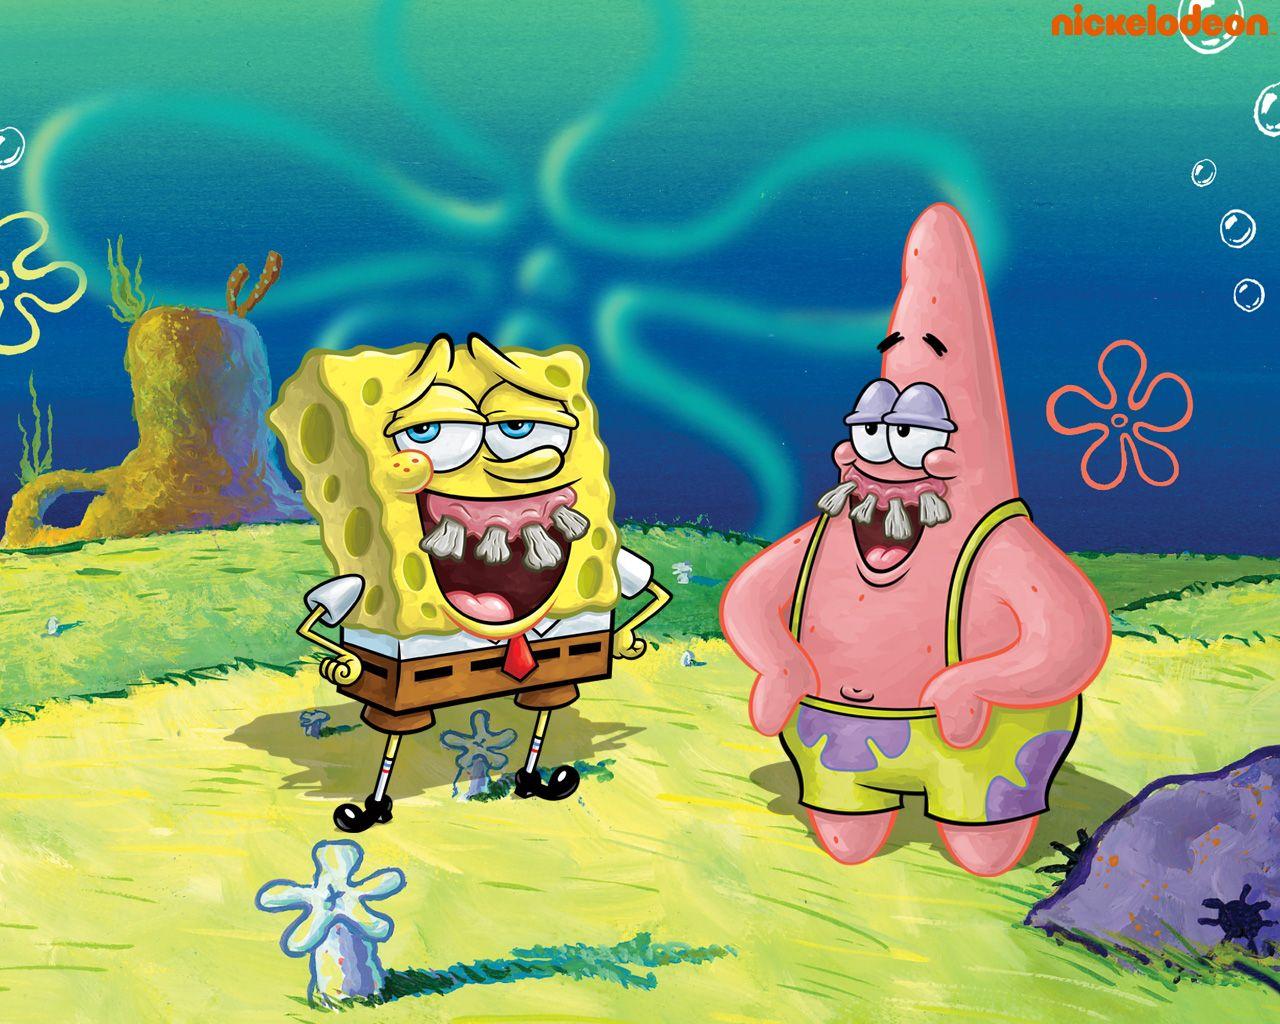 Spongebob & Patrick - spongebob-squarepants Wallpaper | BG/Wallpaper ...